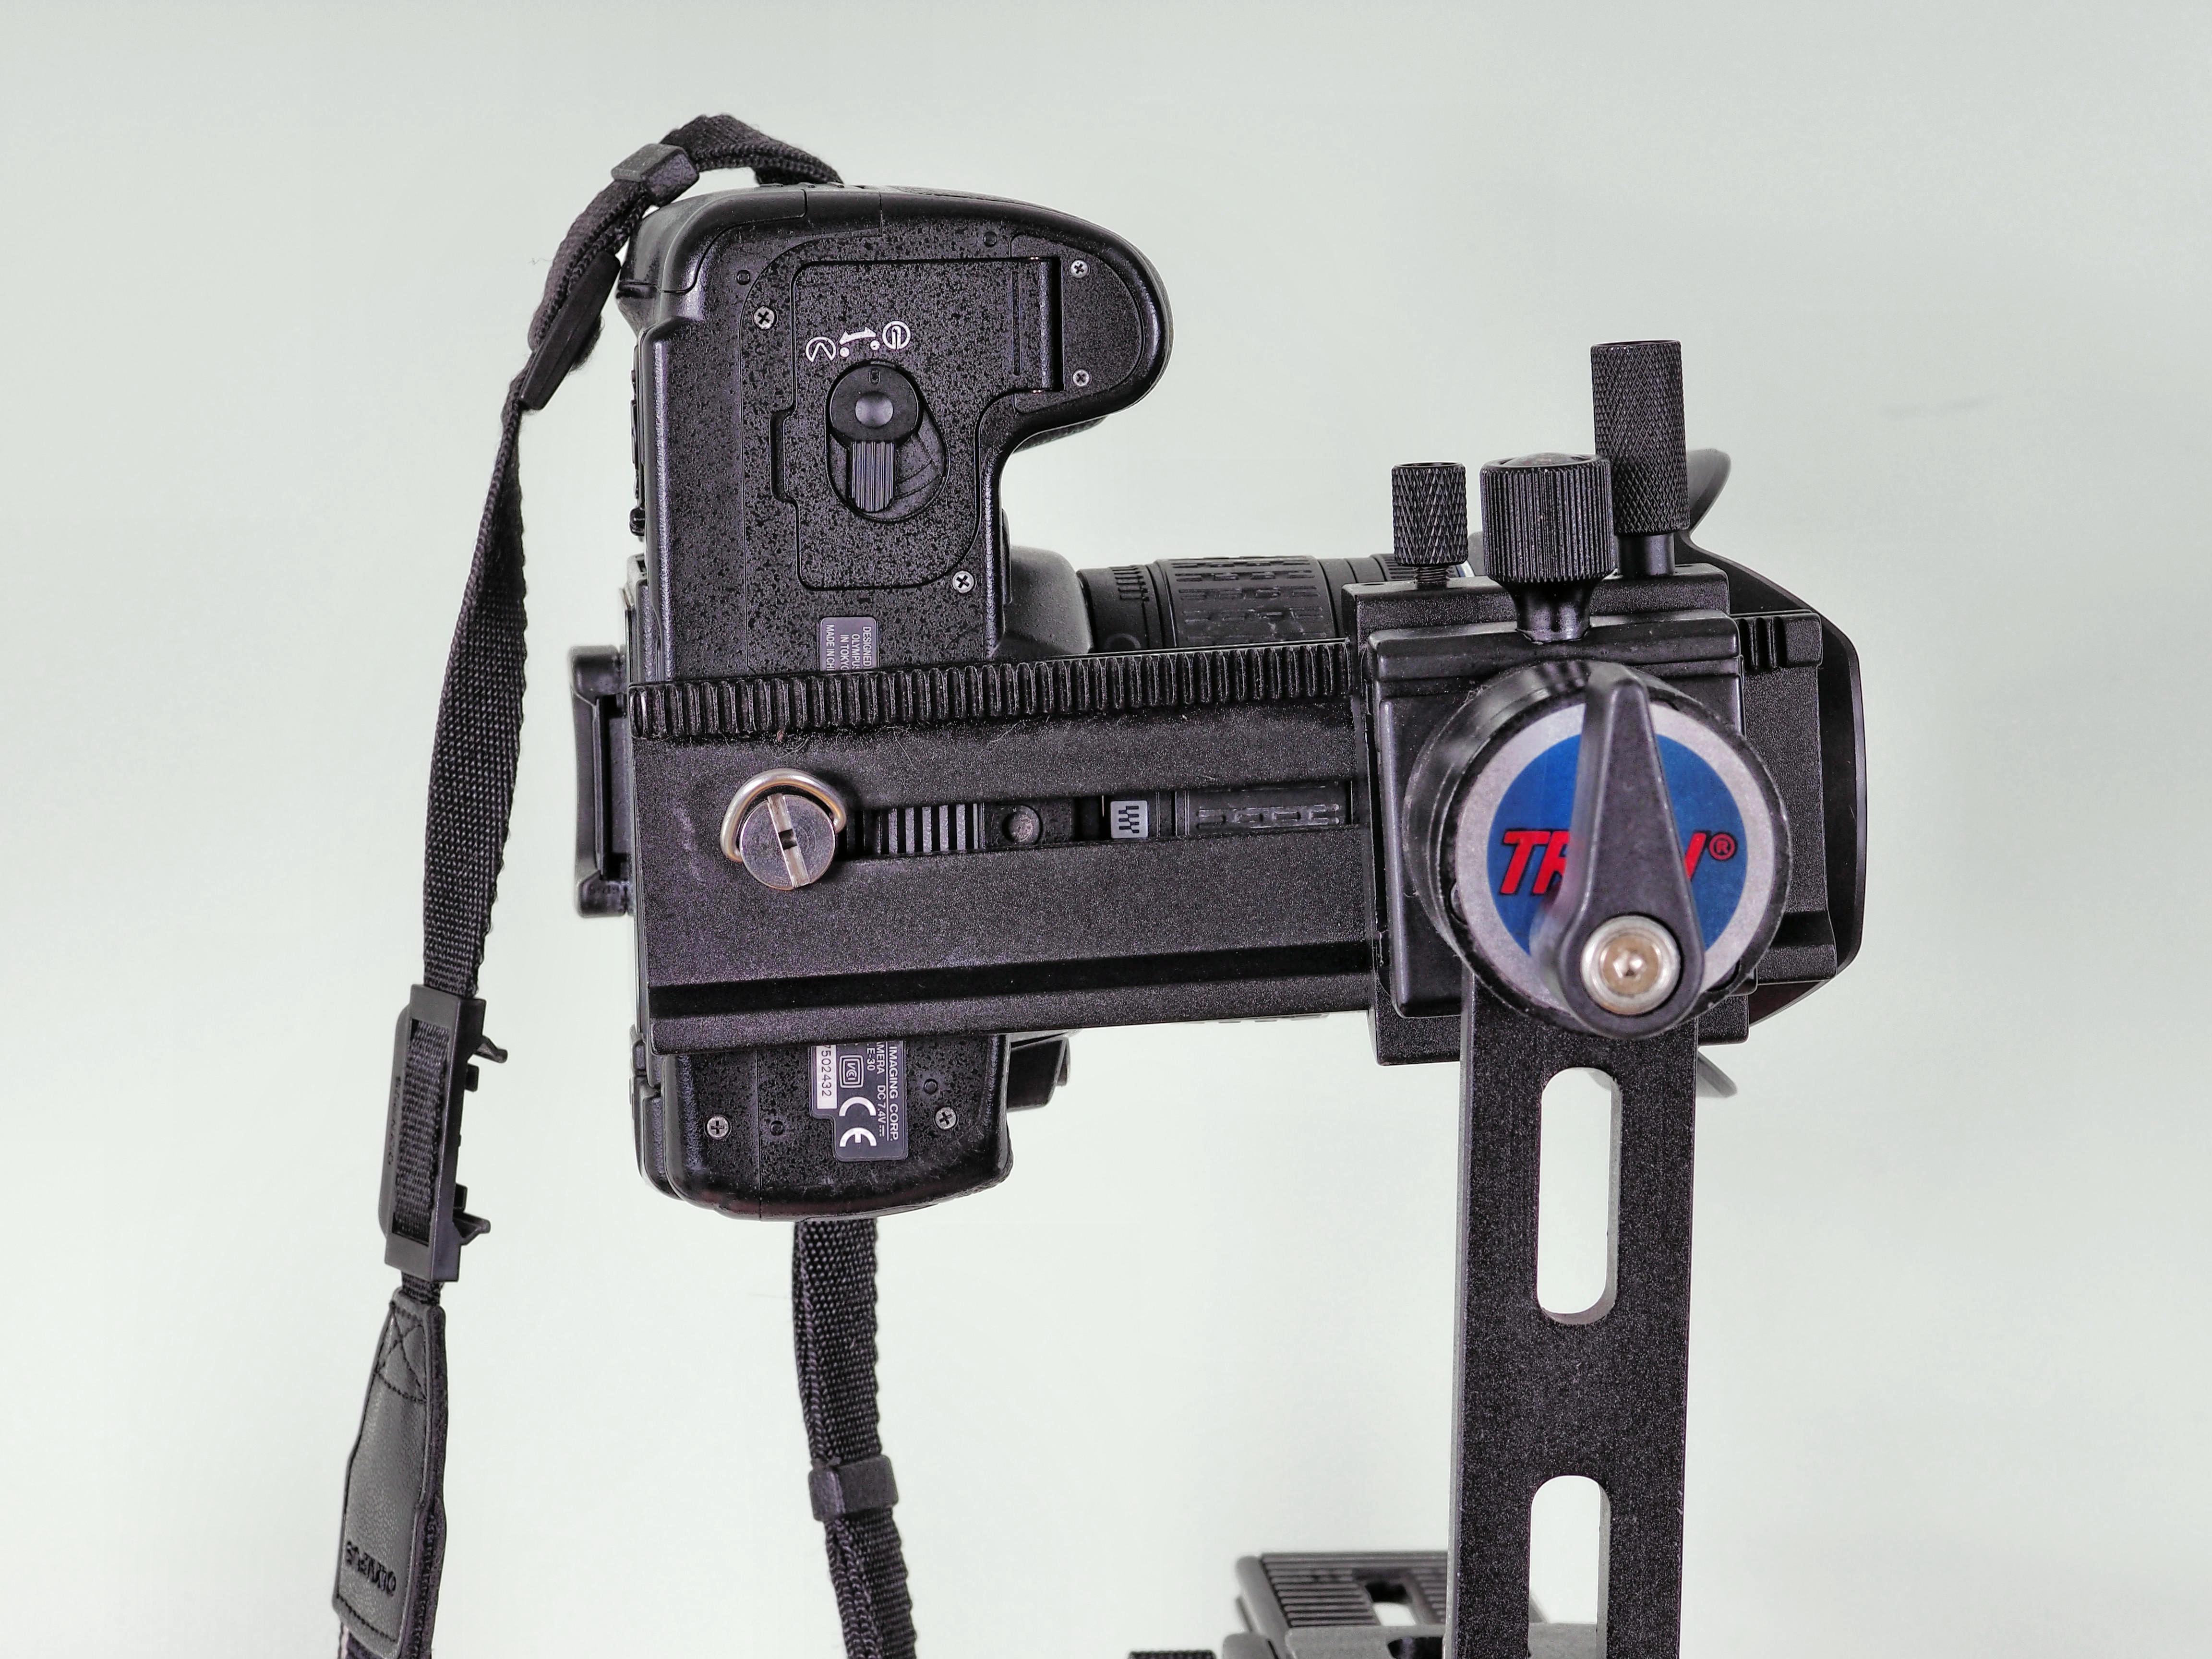 Pano-mount-9.jpeg